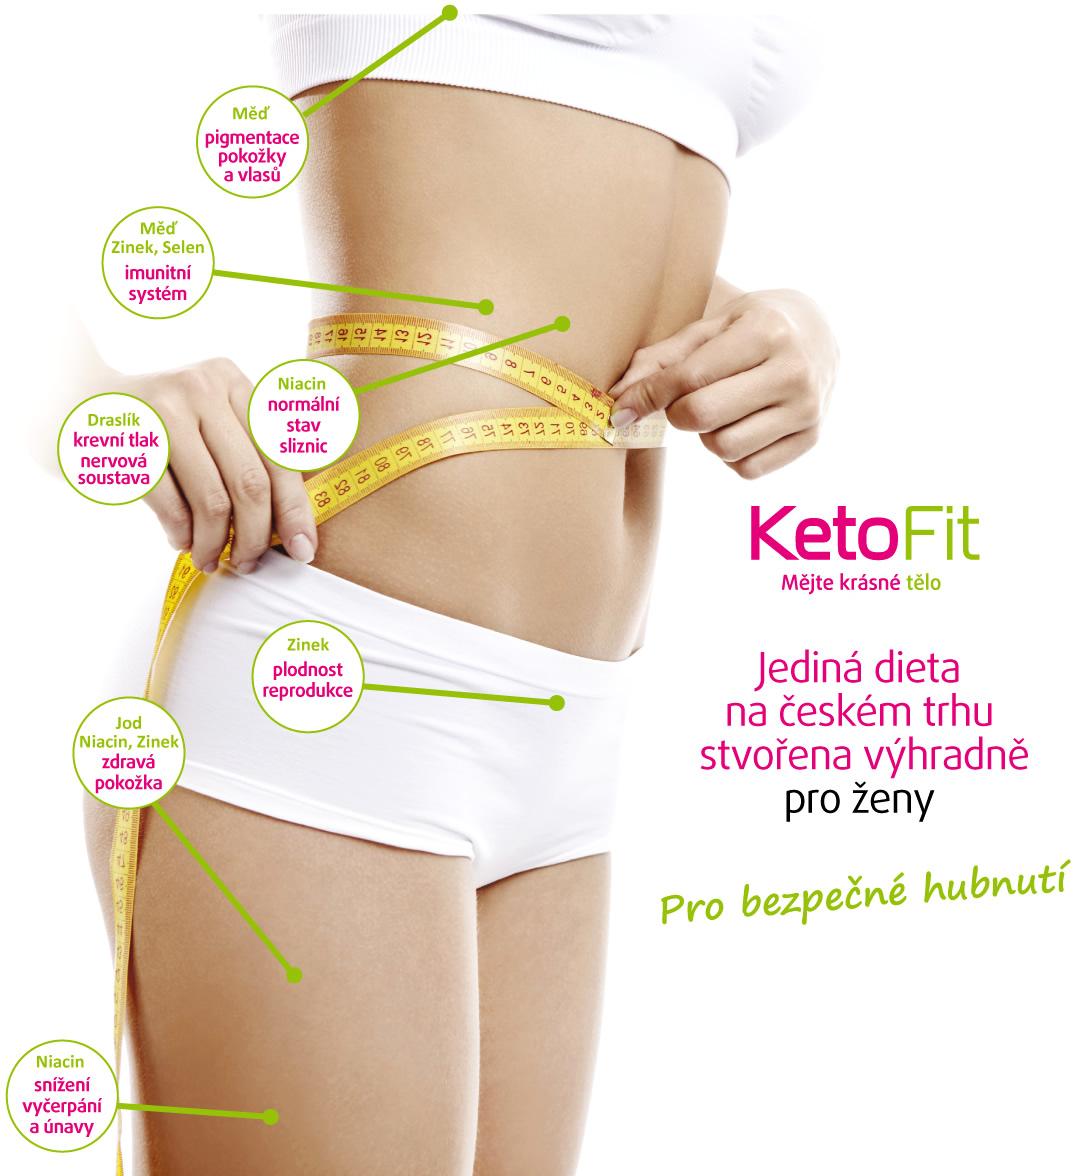 KetoFit - dieta speciálně pro ženy